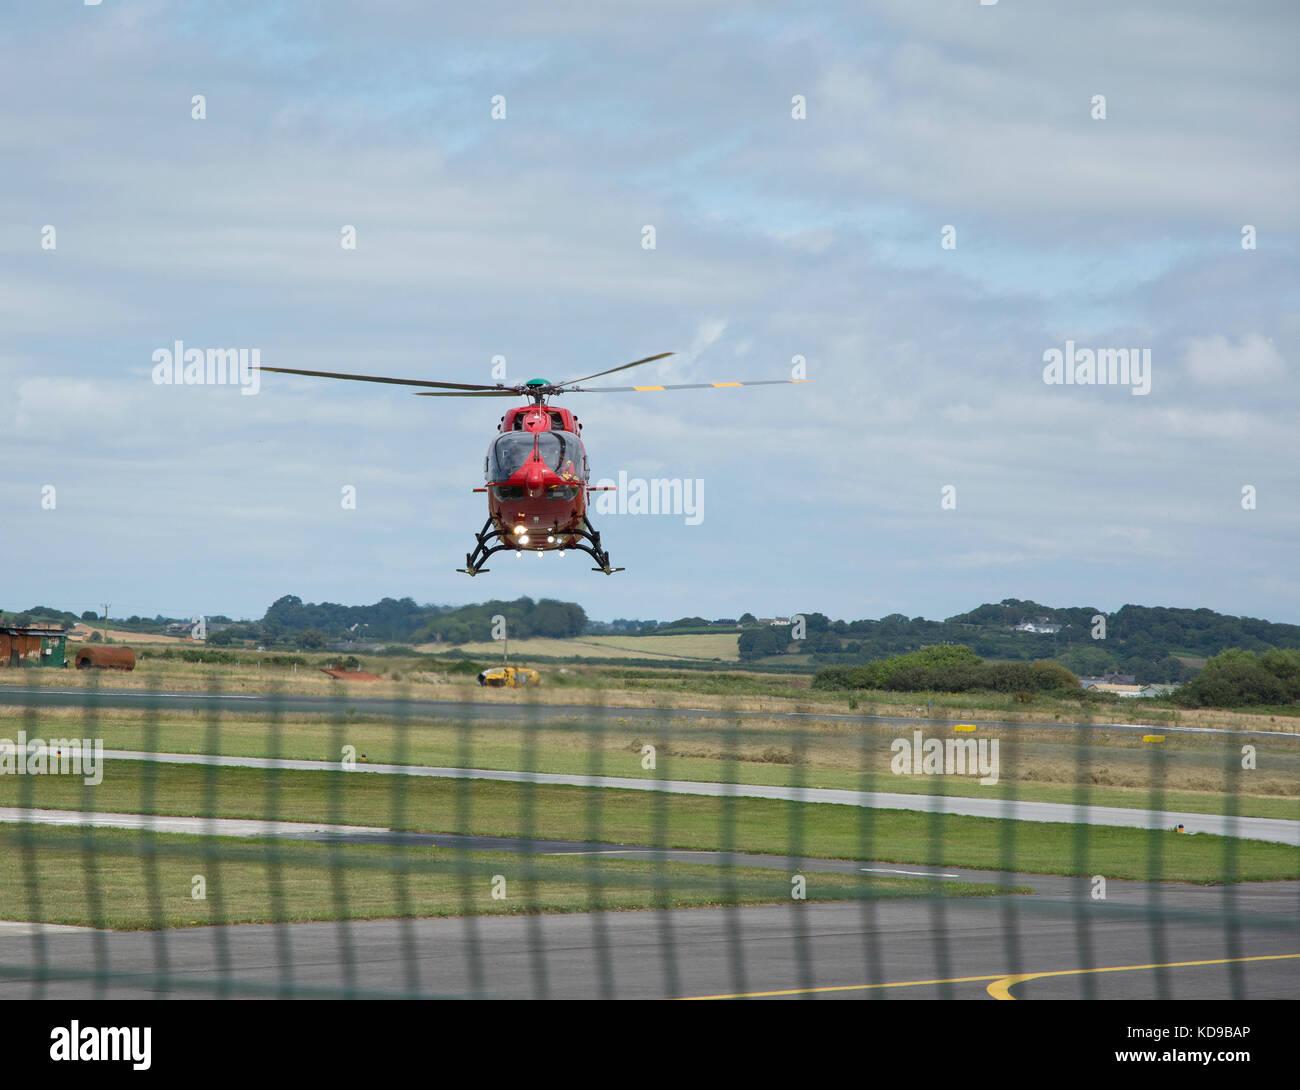 The Wales Air Ambulance Eurocopter EC145 landing at Caernarfon airport - Stock Image